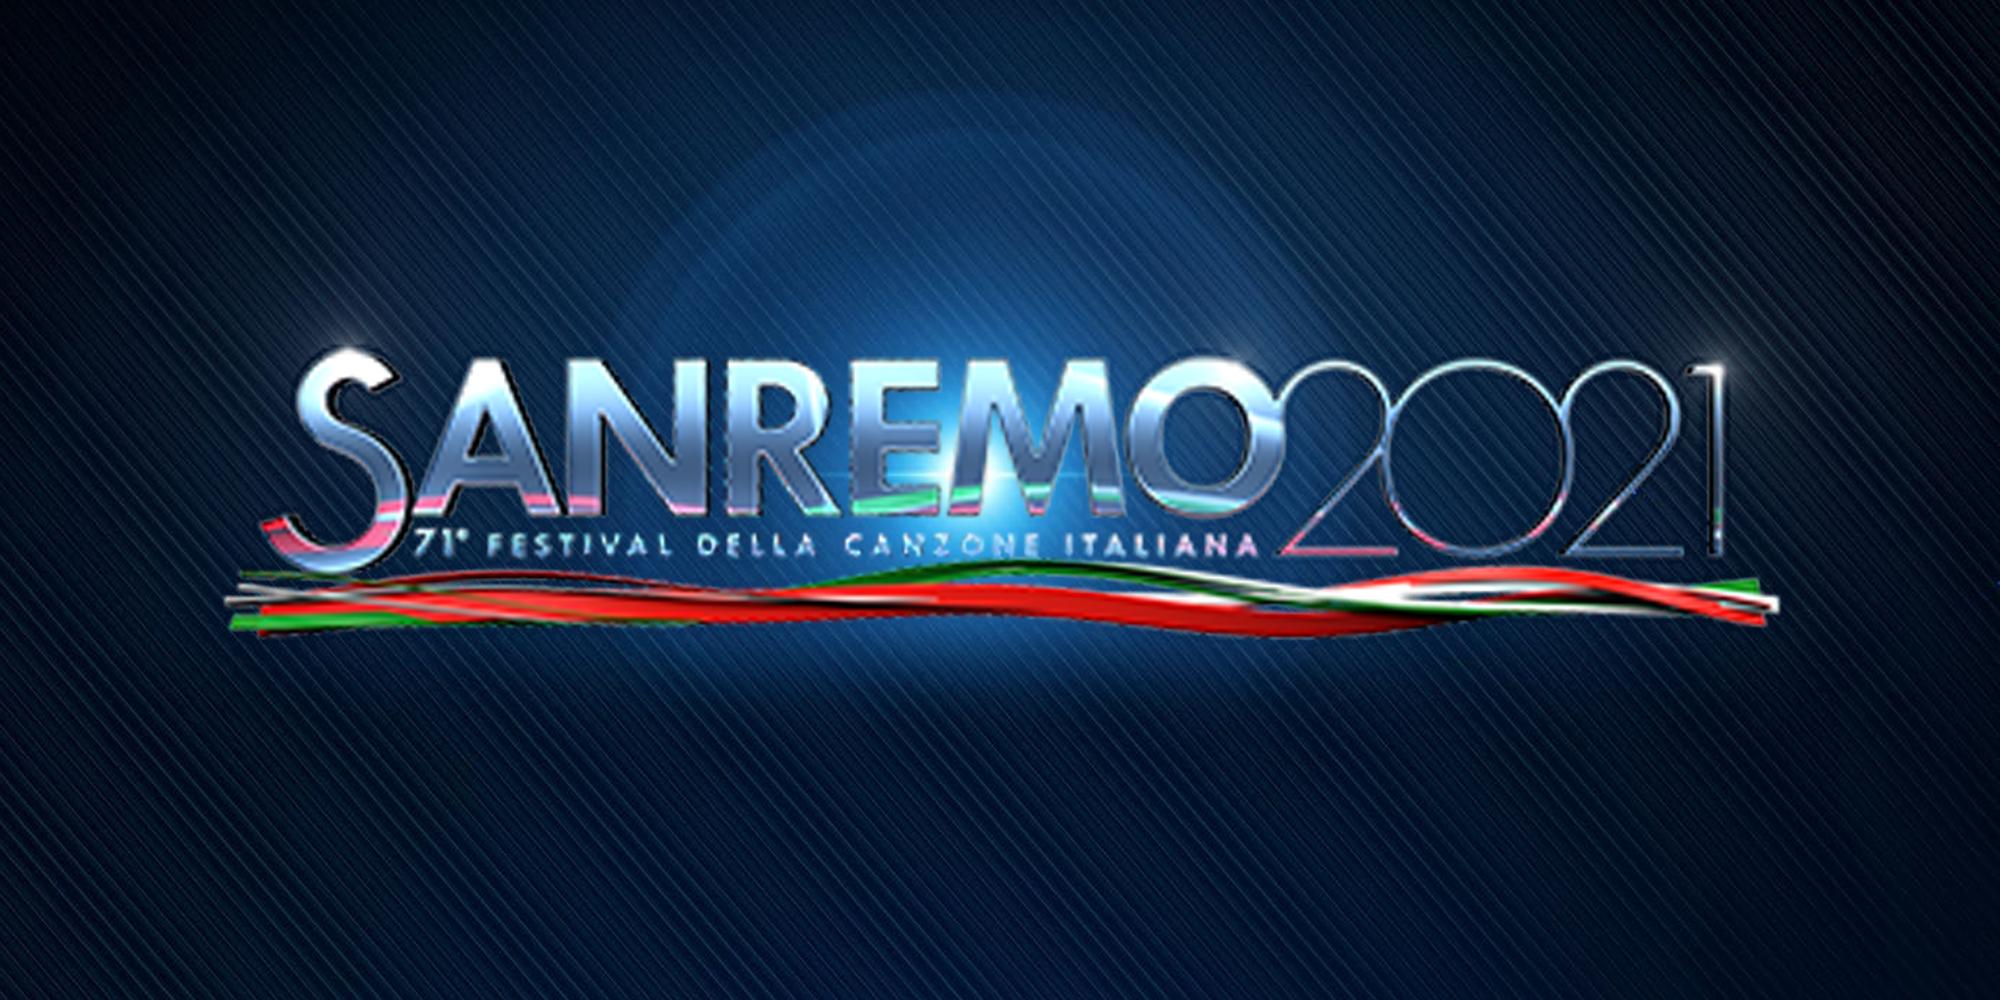 Sanremo2021: La scaletta della prima serata